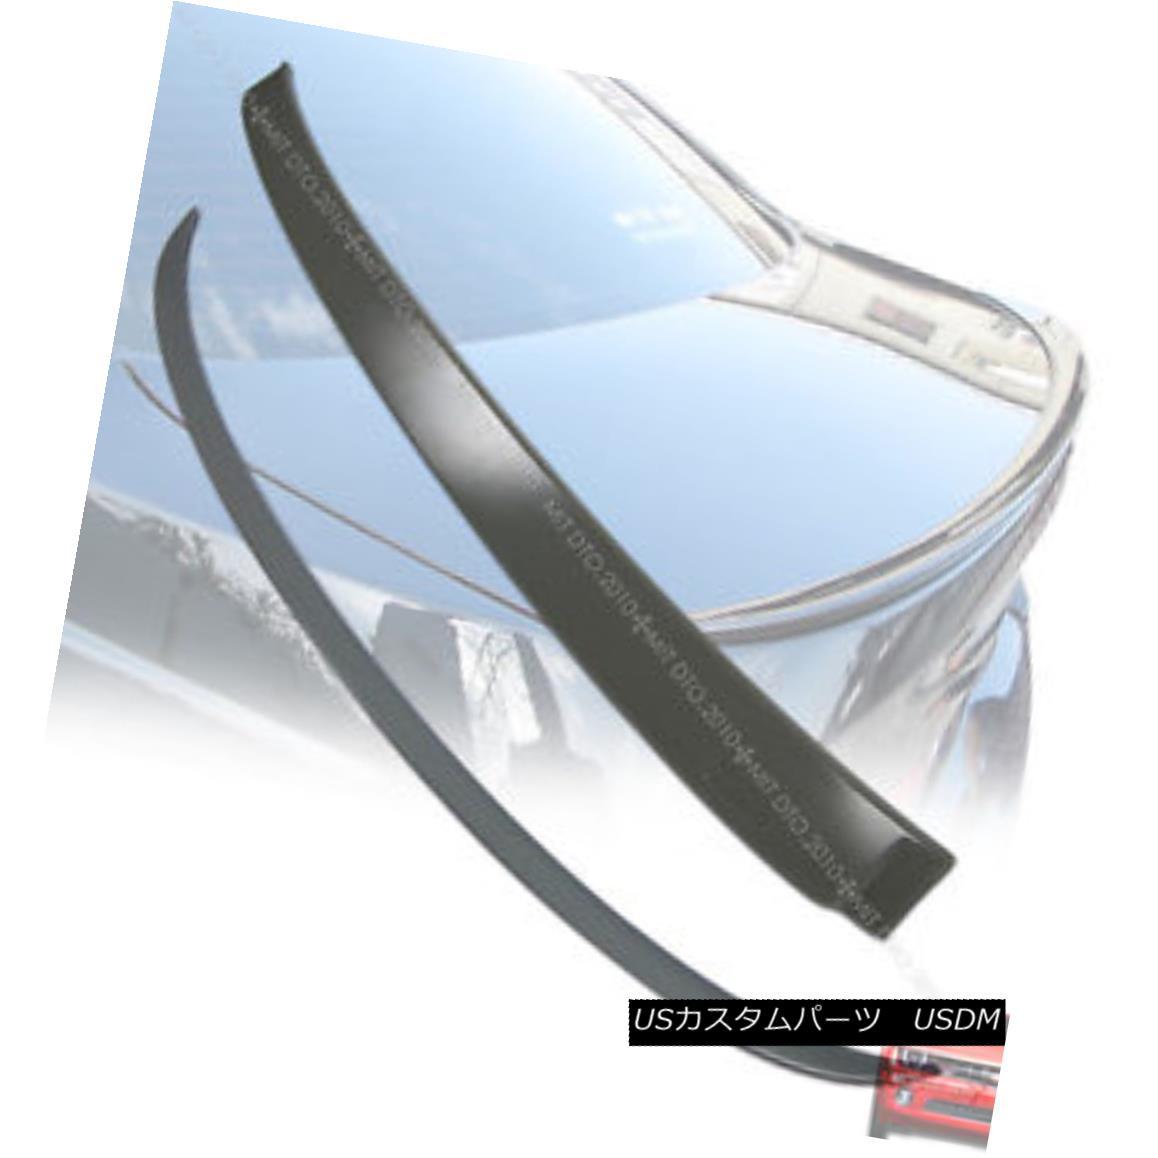 エアロパーツ E90 BMW M3 3-Series Trunk Spoiler Rear & Roof Spoiler 11 § E90 BMW M3 3シリーズトランク・スポイラーリア& ルーフスポイラー11